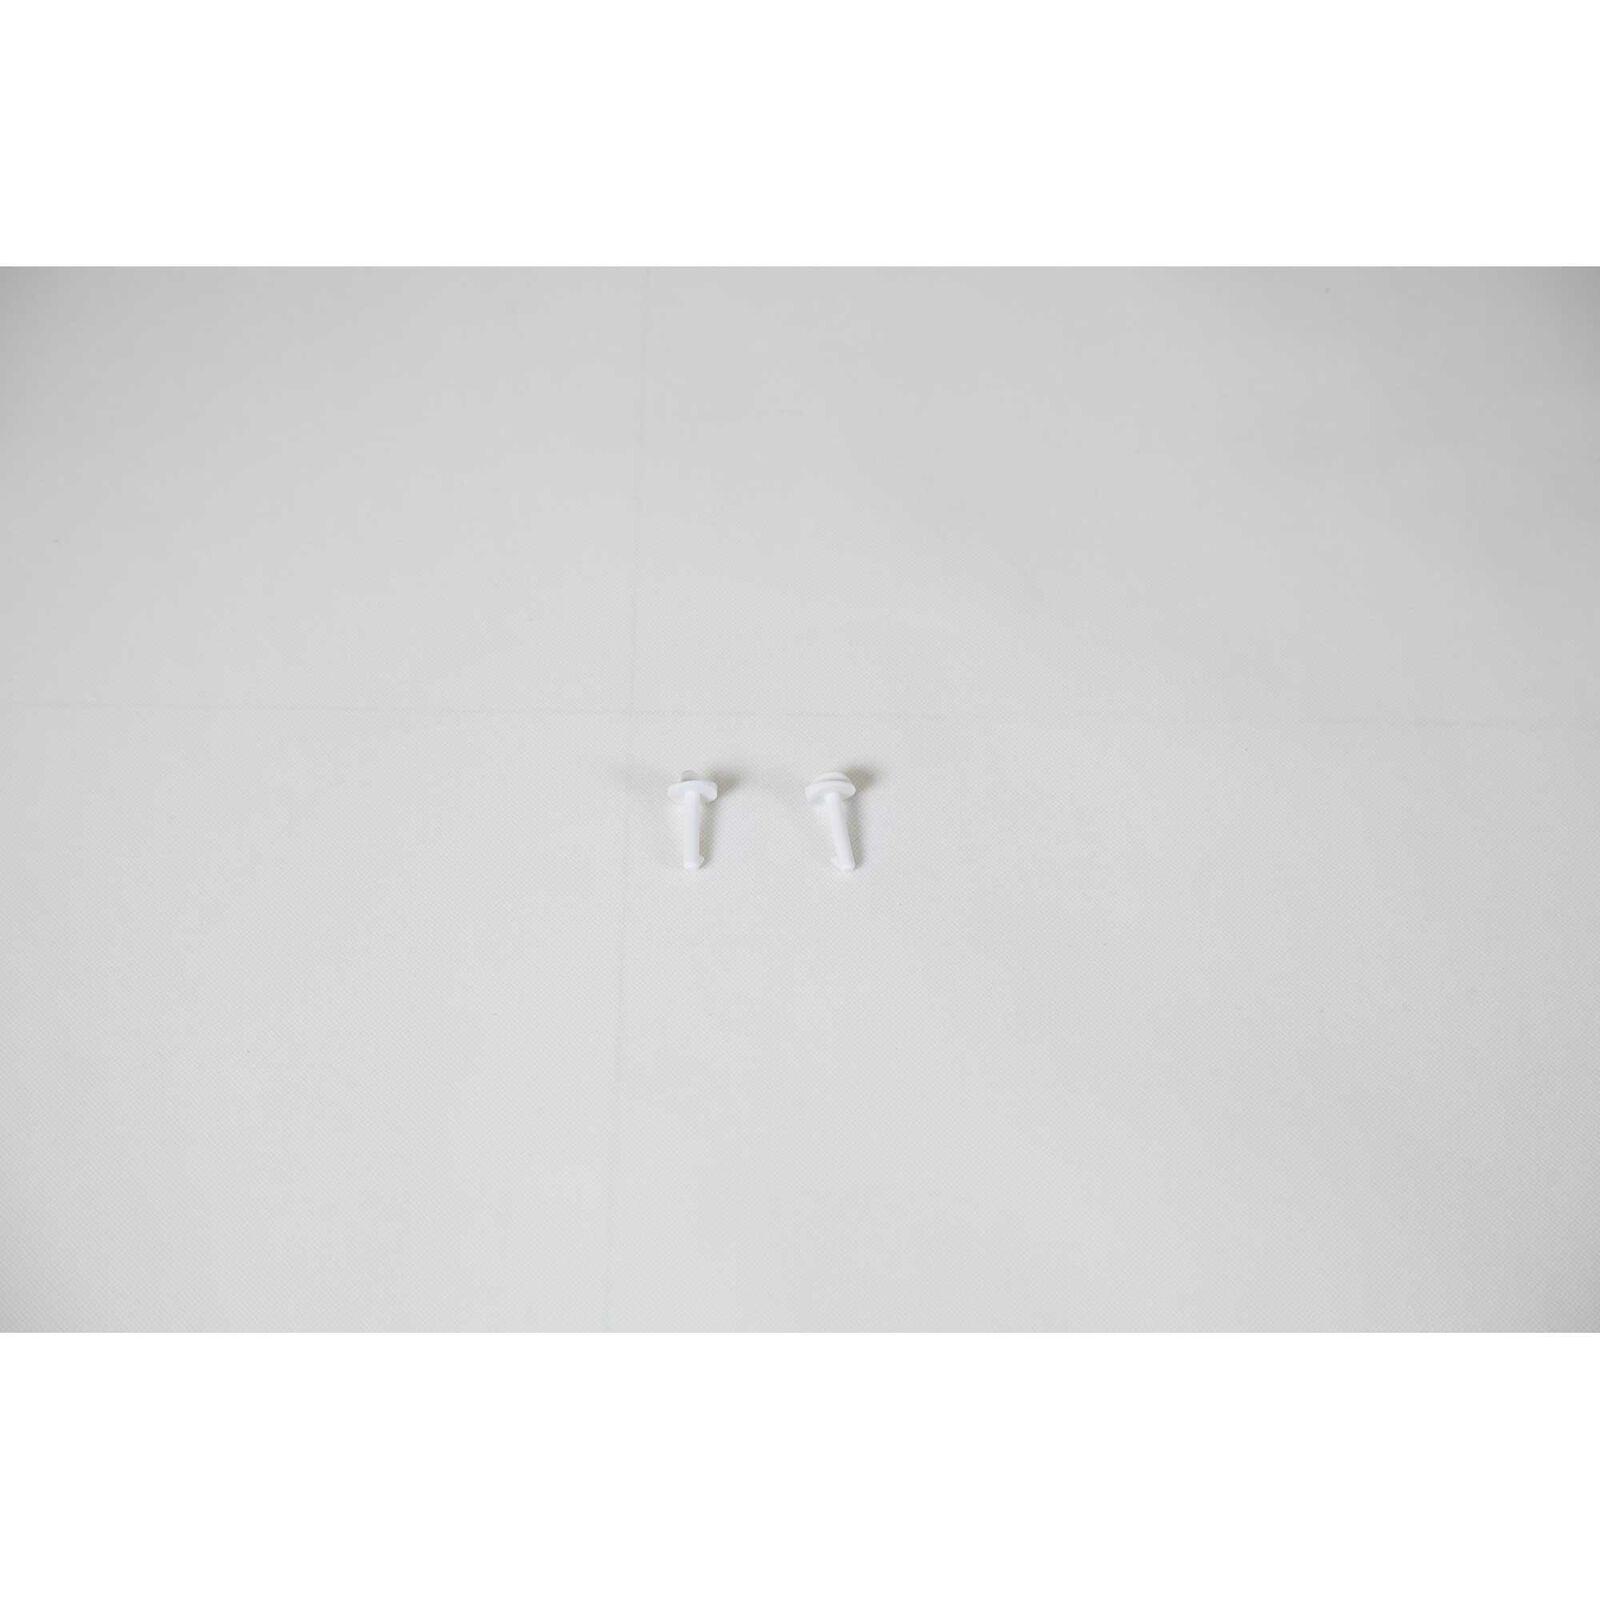 Wing Bolt Plate (2): Super EZ V4 1220mm